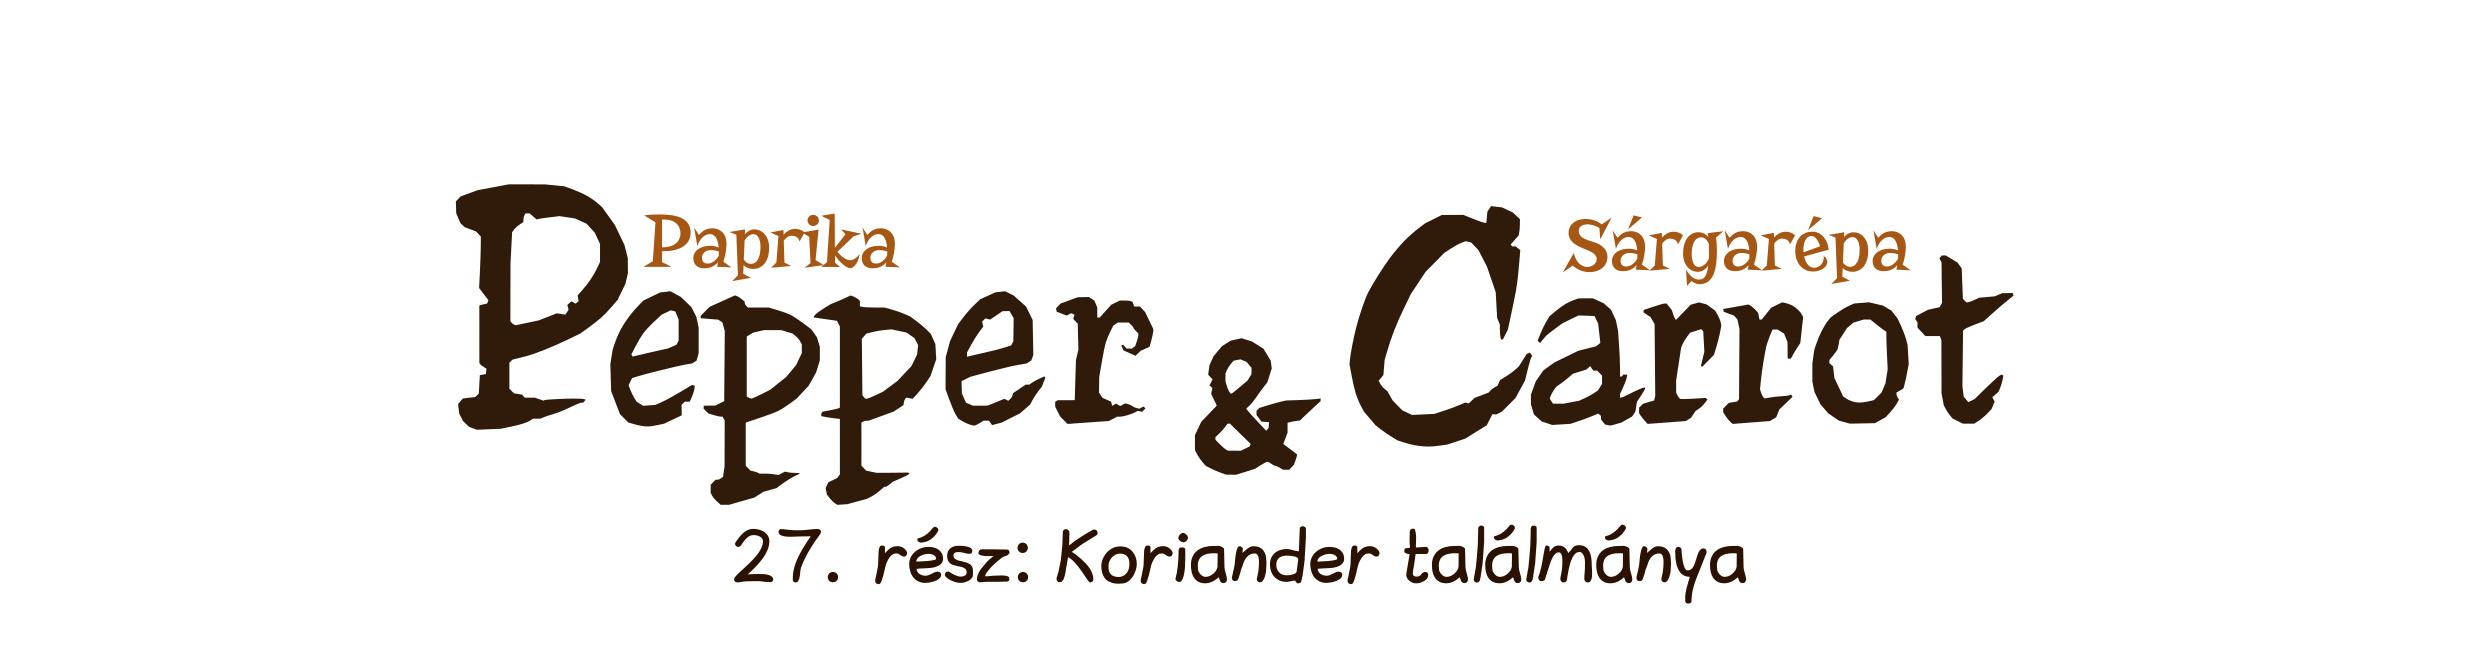 27. rész: Koriander találmánya